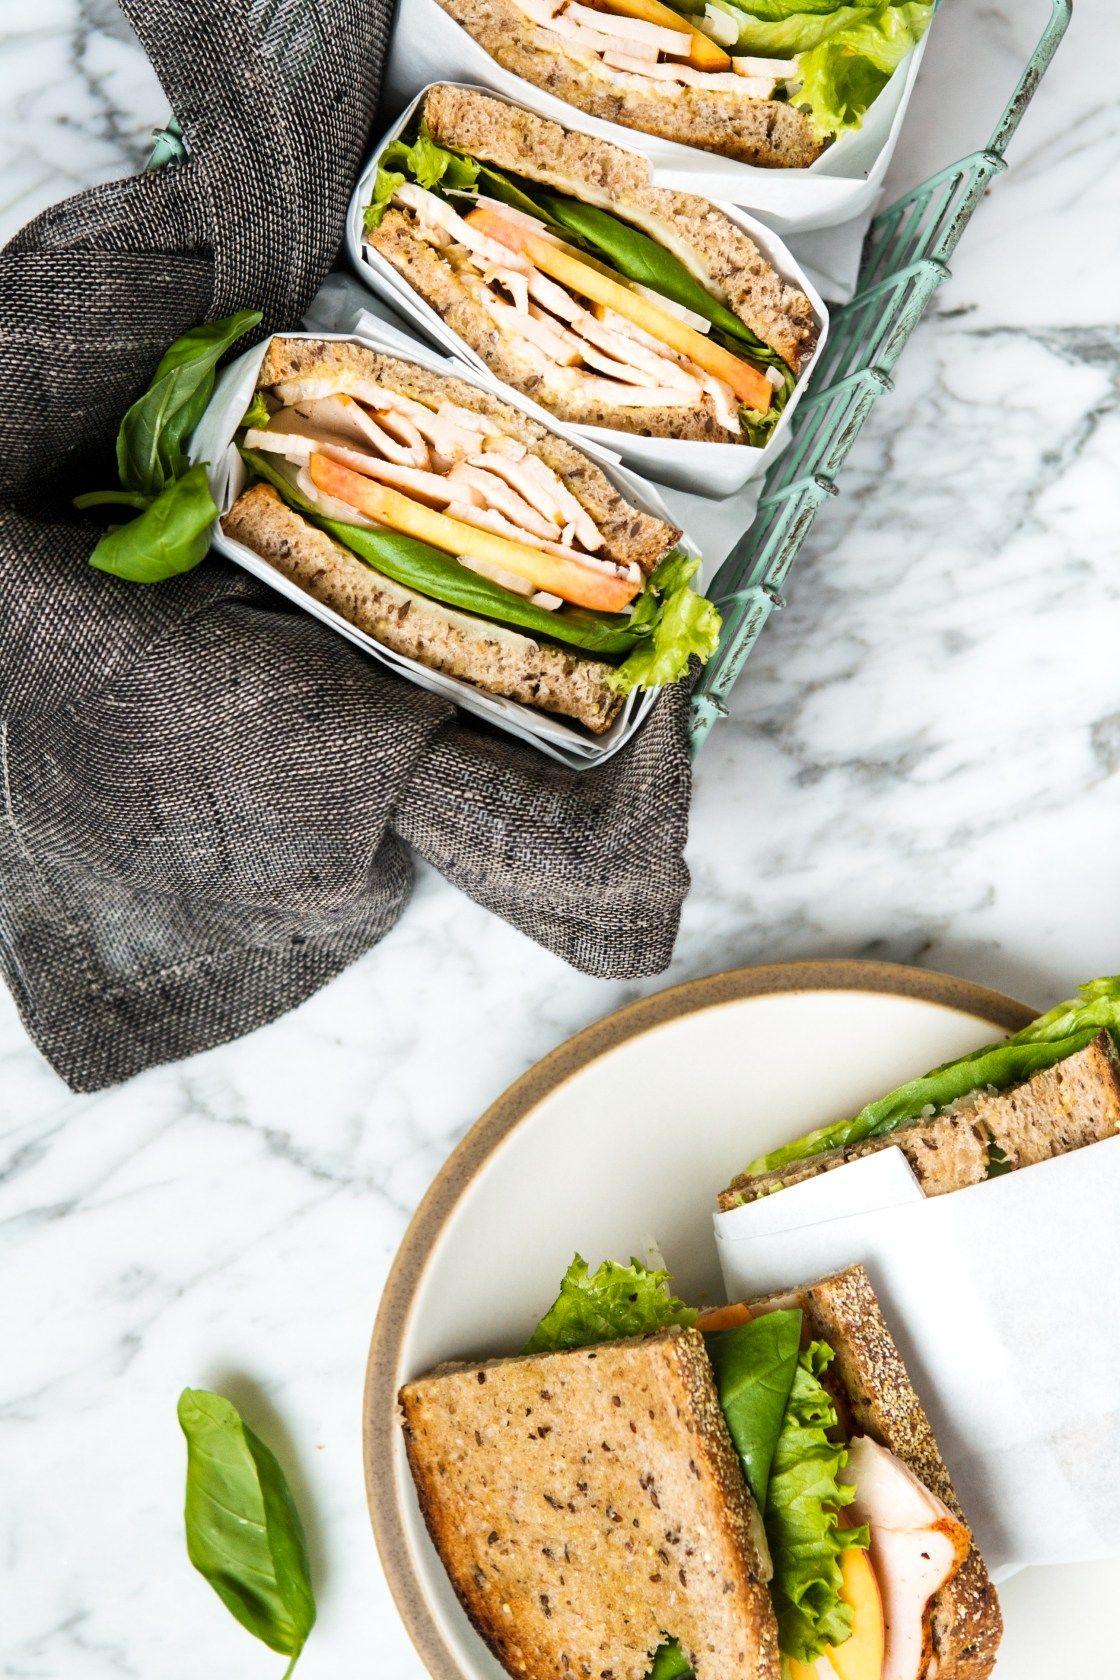 Turkey, Peach & Basil Sandwiches Recipe Sandwiches